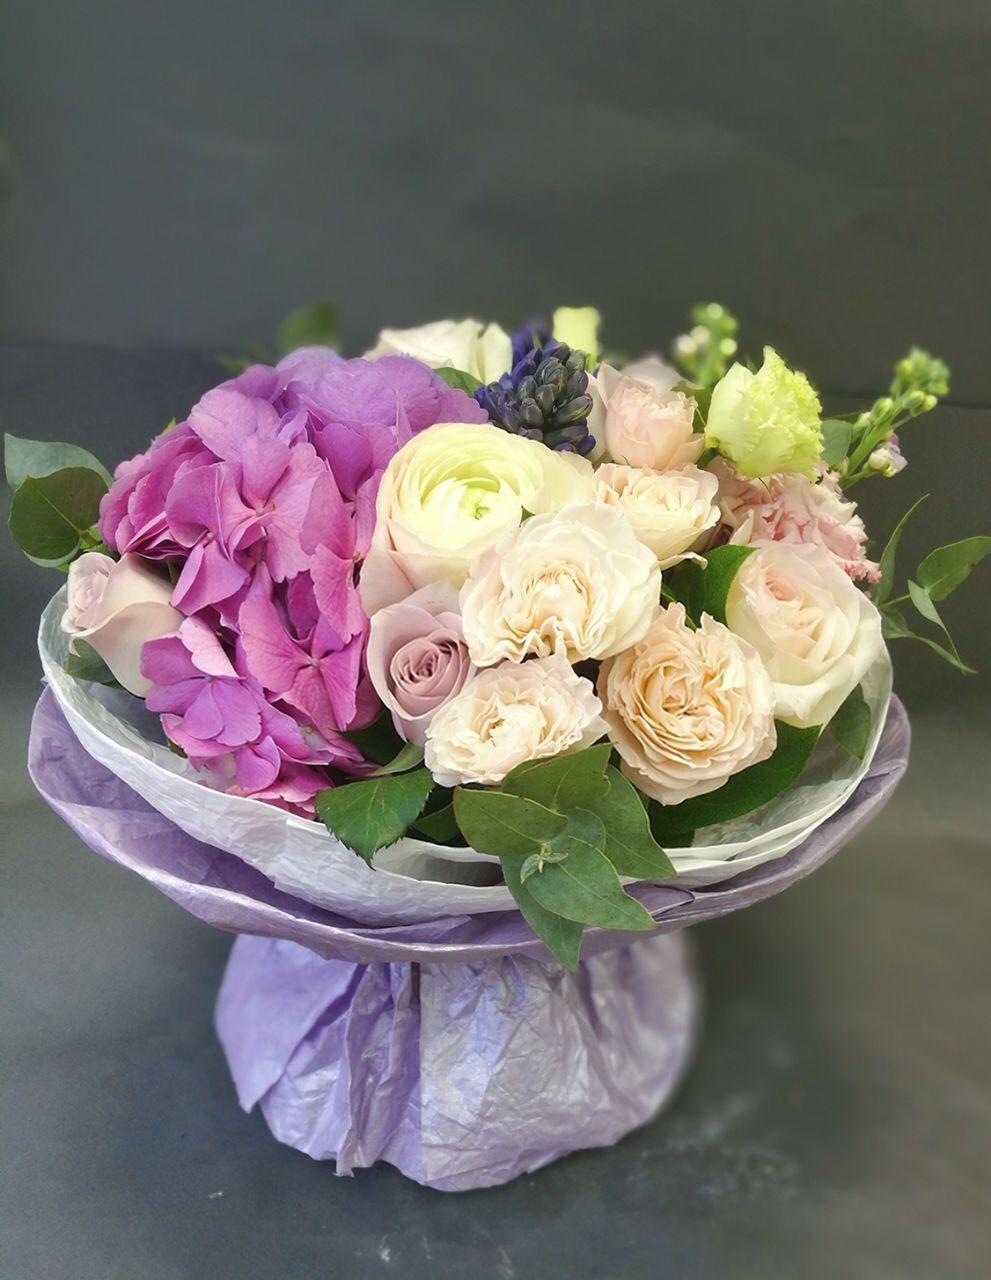 Цветов куйбышева букет гортензия купить в москве склад магазин